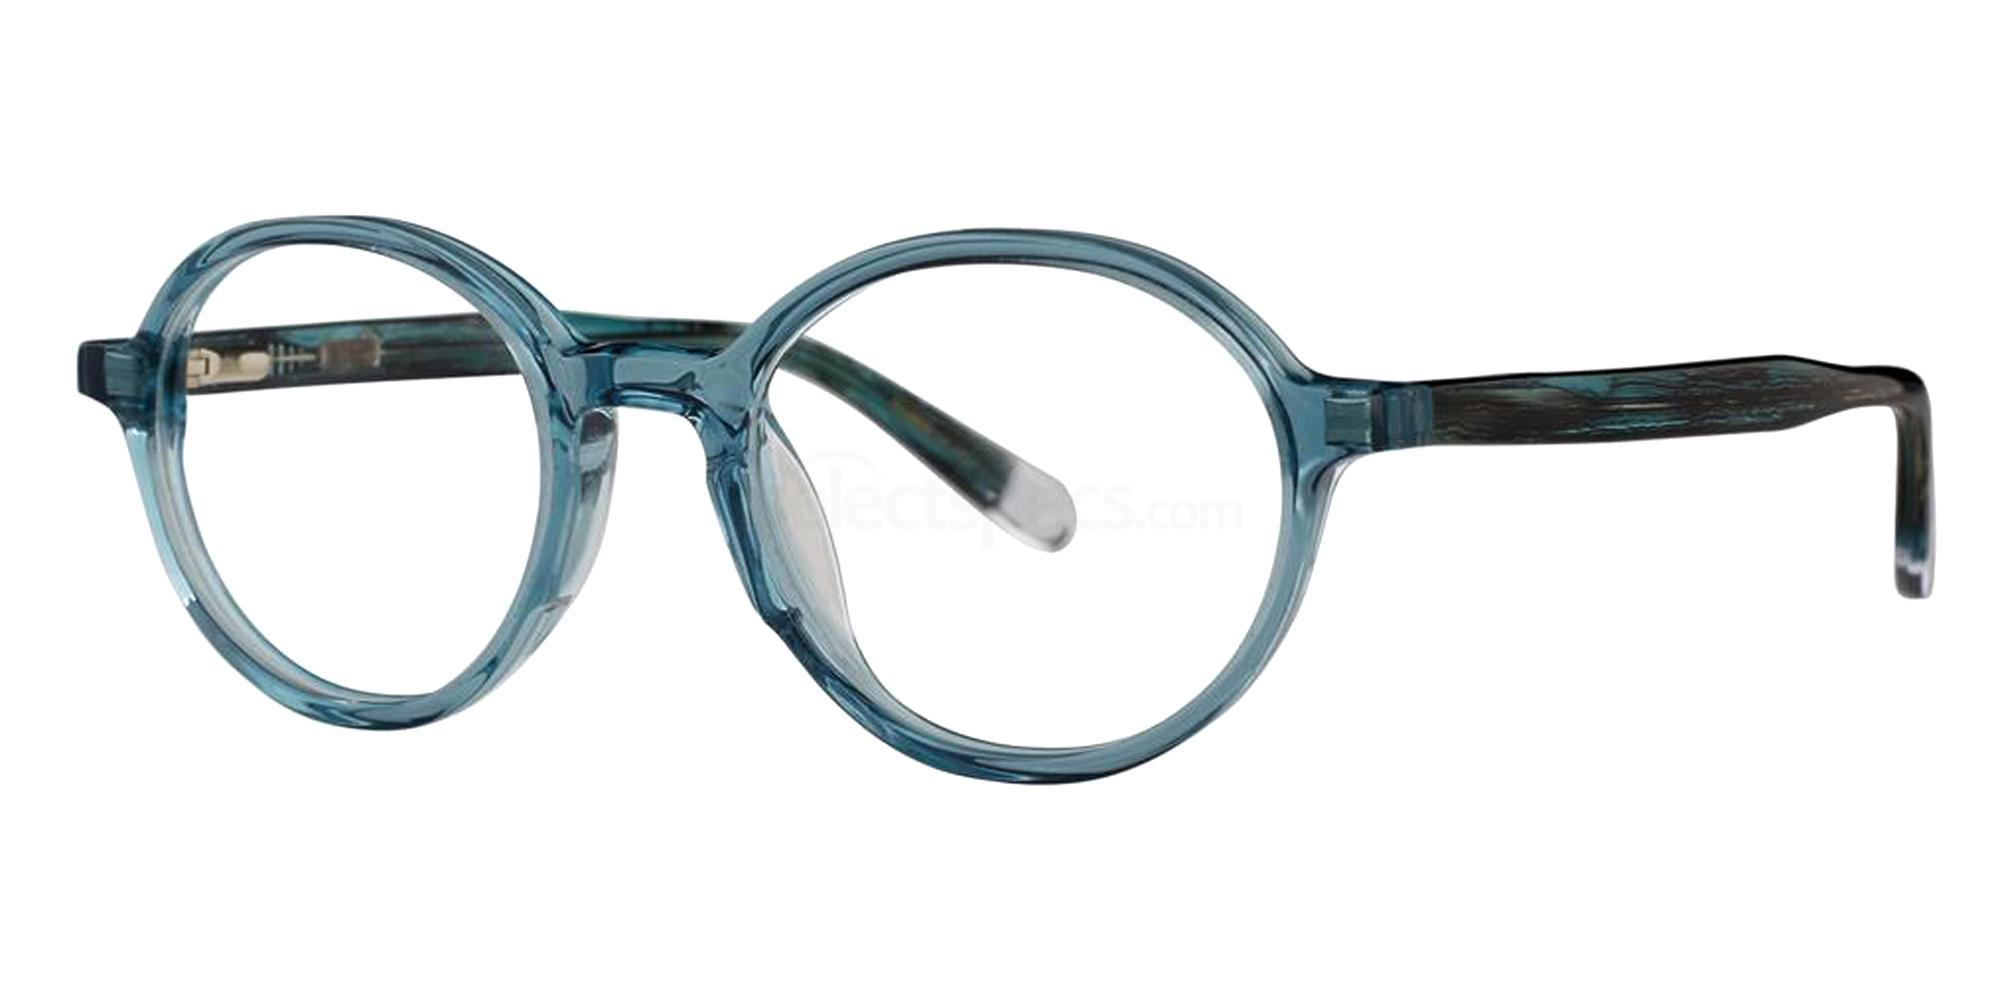 Faded Denim THE MUNGARUTAL JR Glasses, Original Penguin Youth